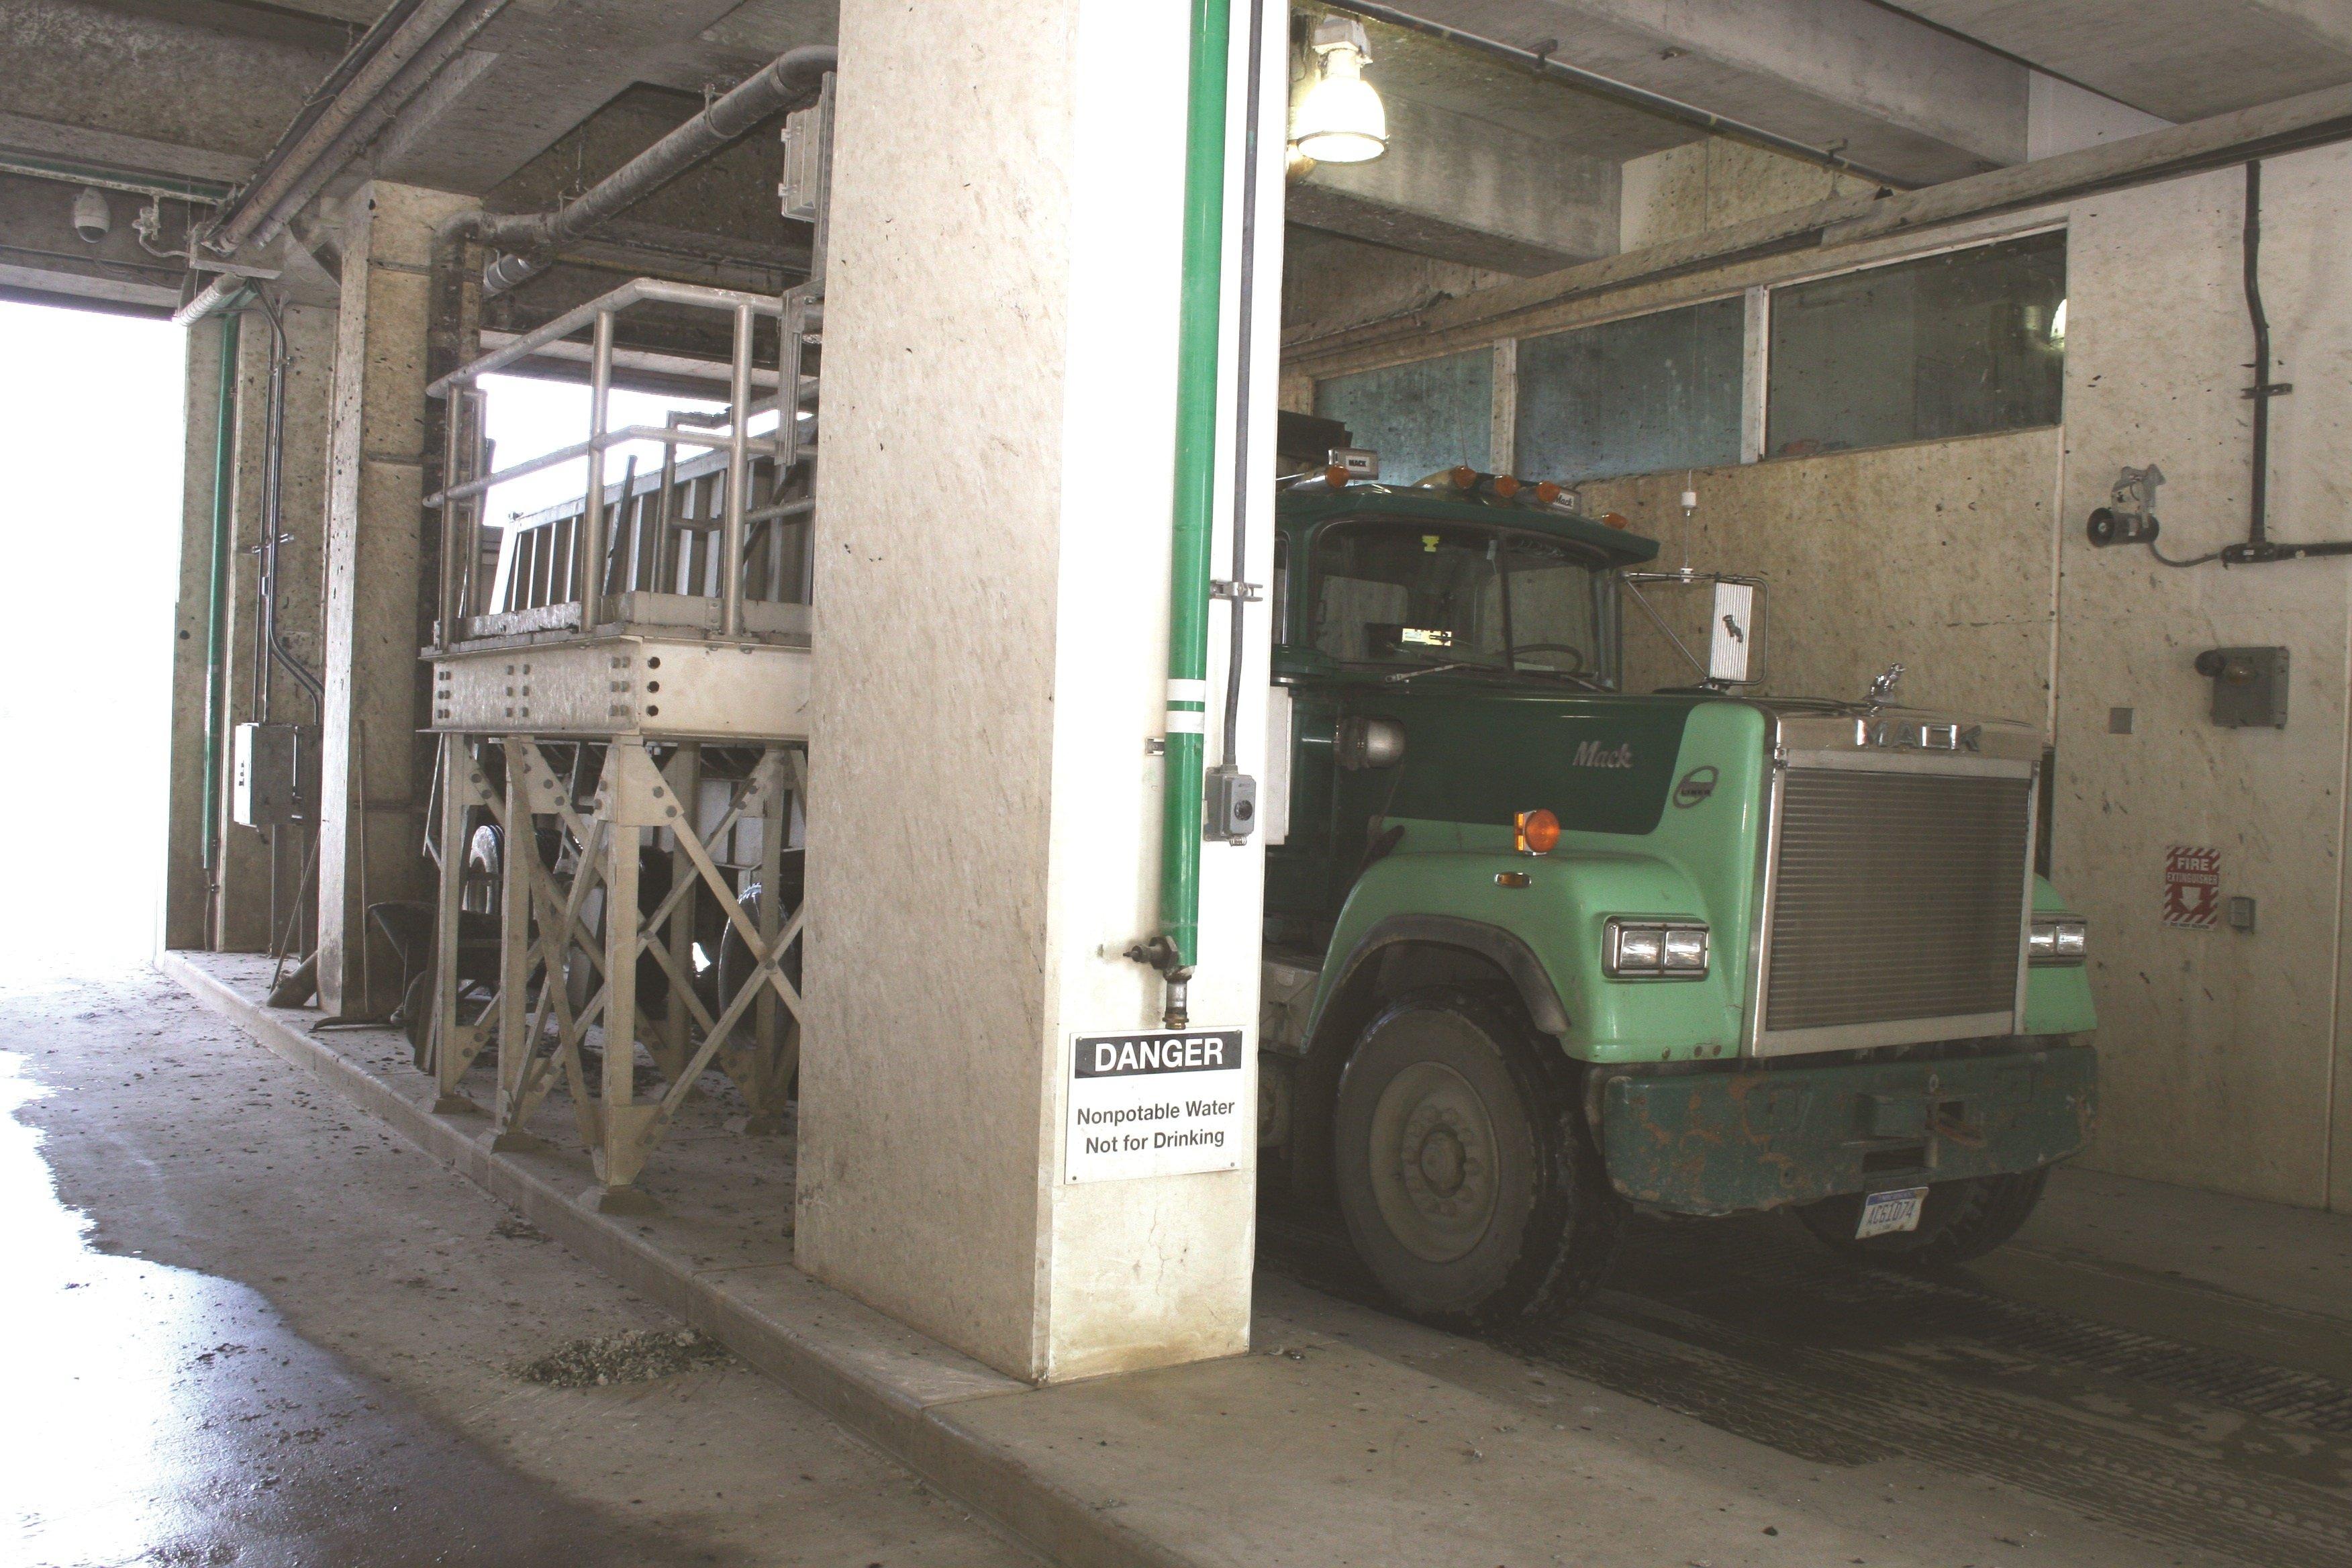 Schwing Bioset Detroit WWTP Truck Loading